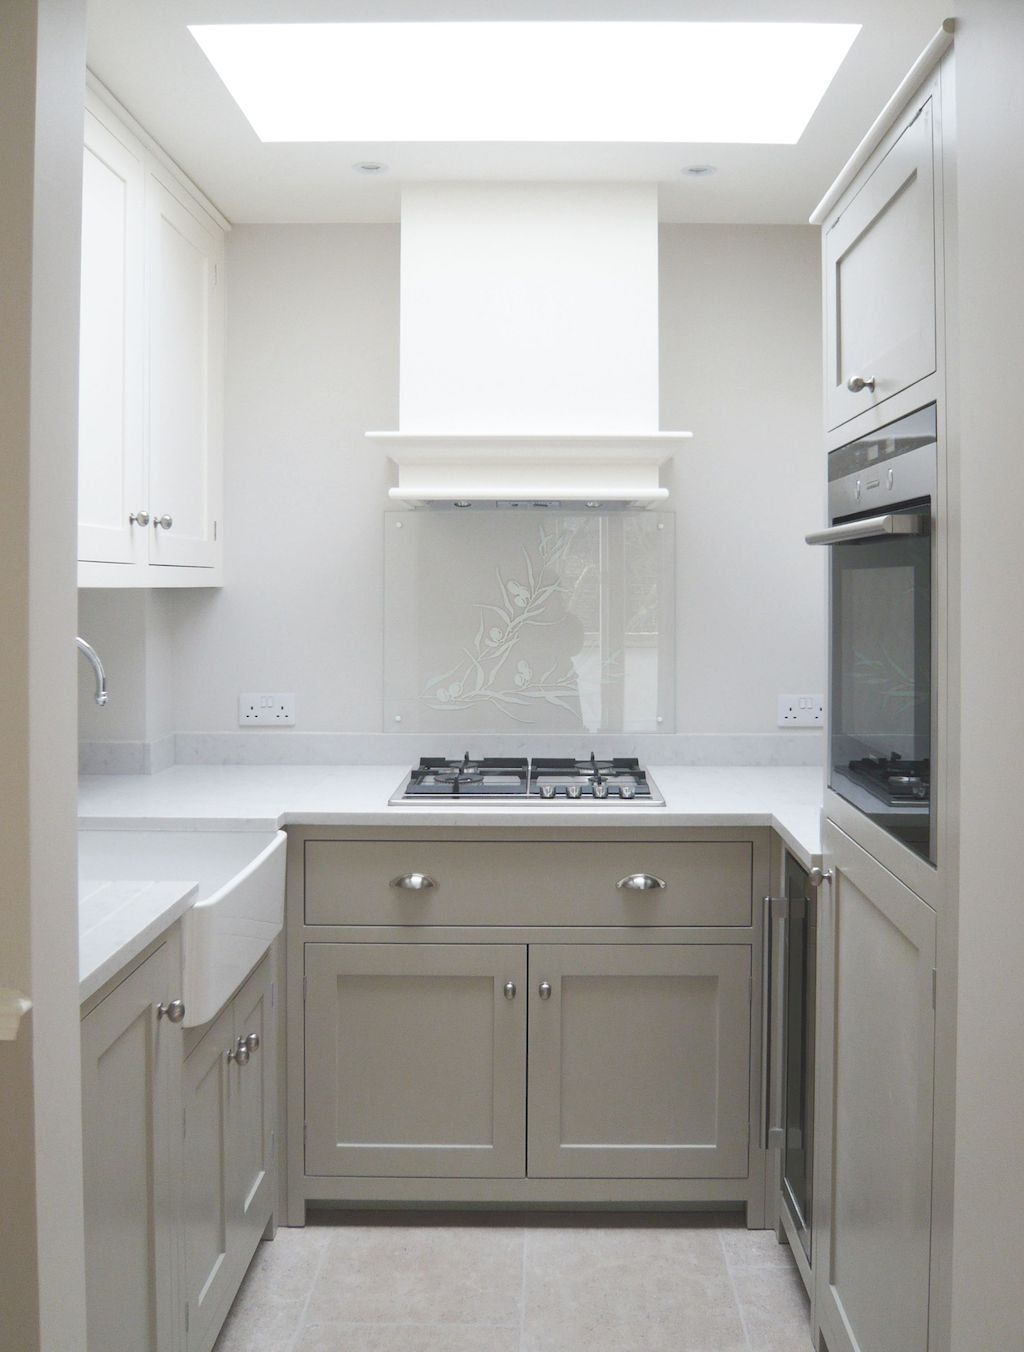 Best Simple Kitchen Design Ideas Simplekitchendesign Simplekitchen Kitchendesign Kitchenidea Kitchen Design Small Tiny House Kitchen Kitchen Remodel Design